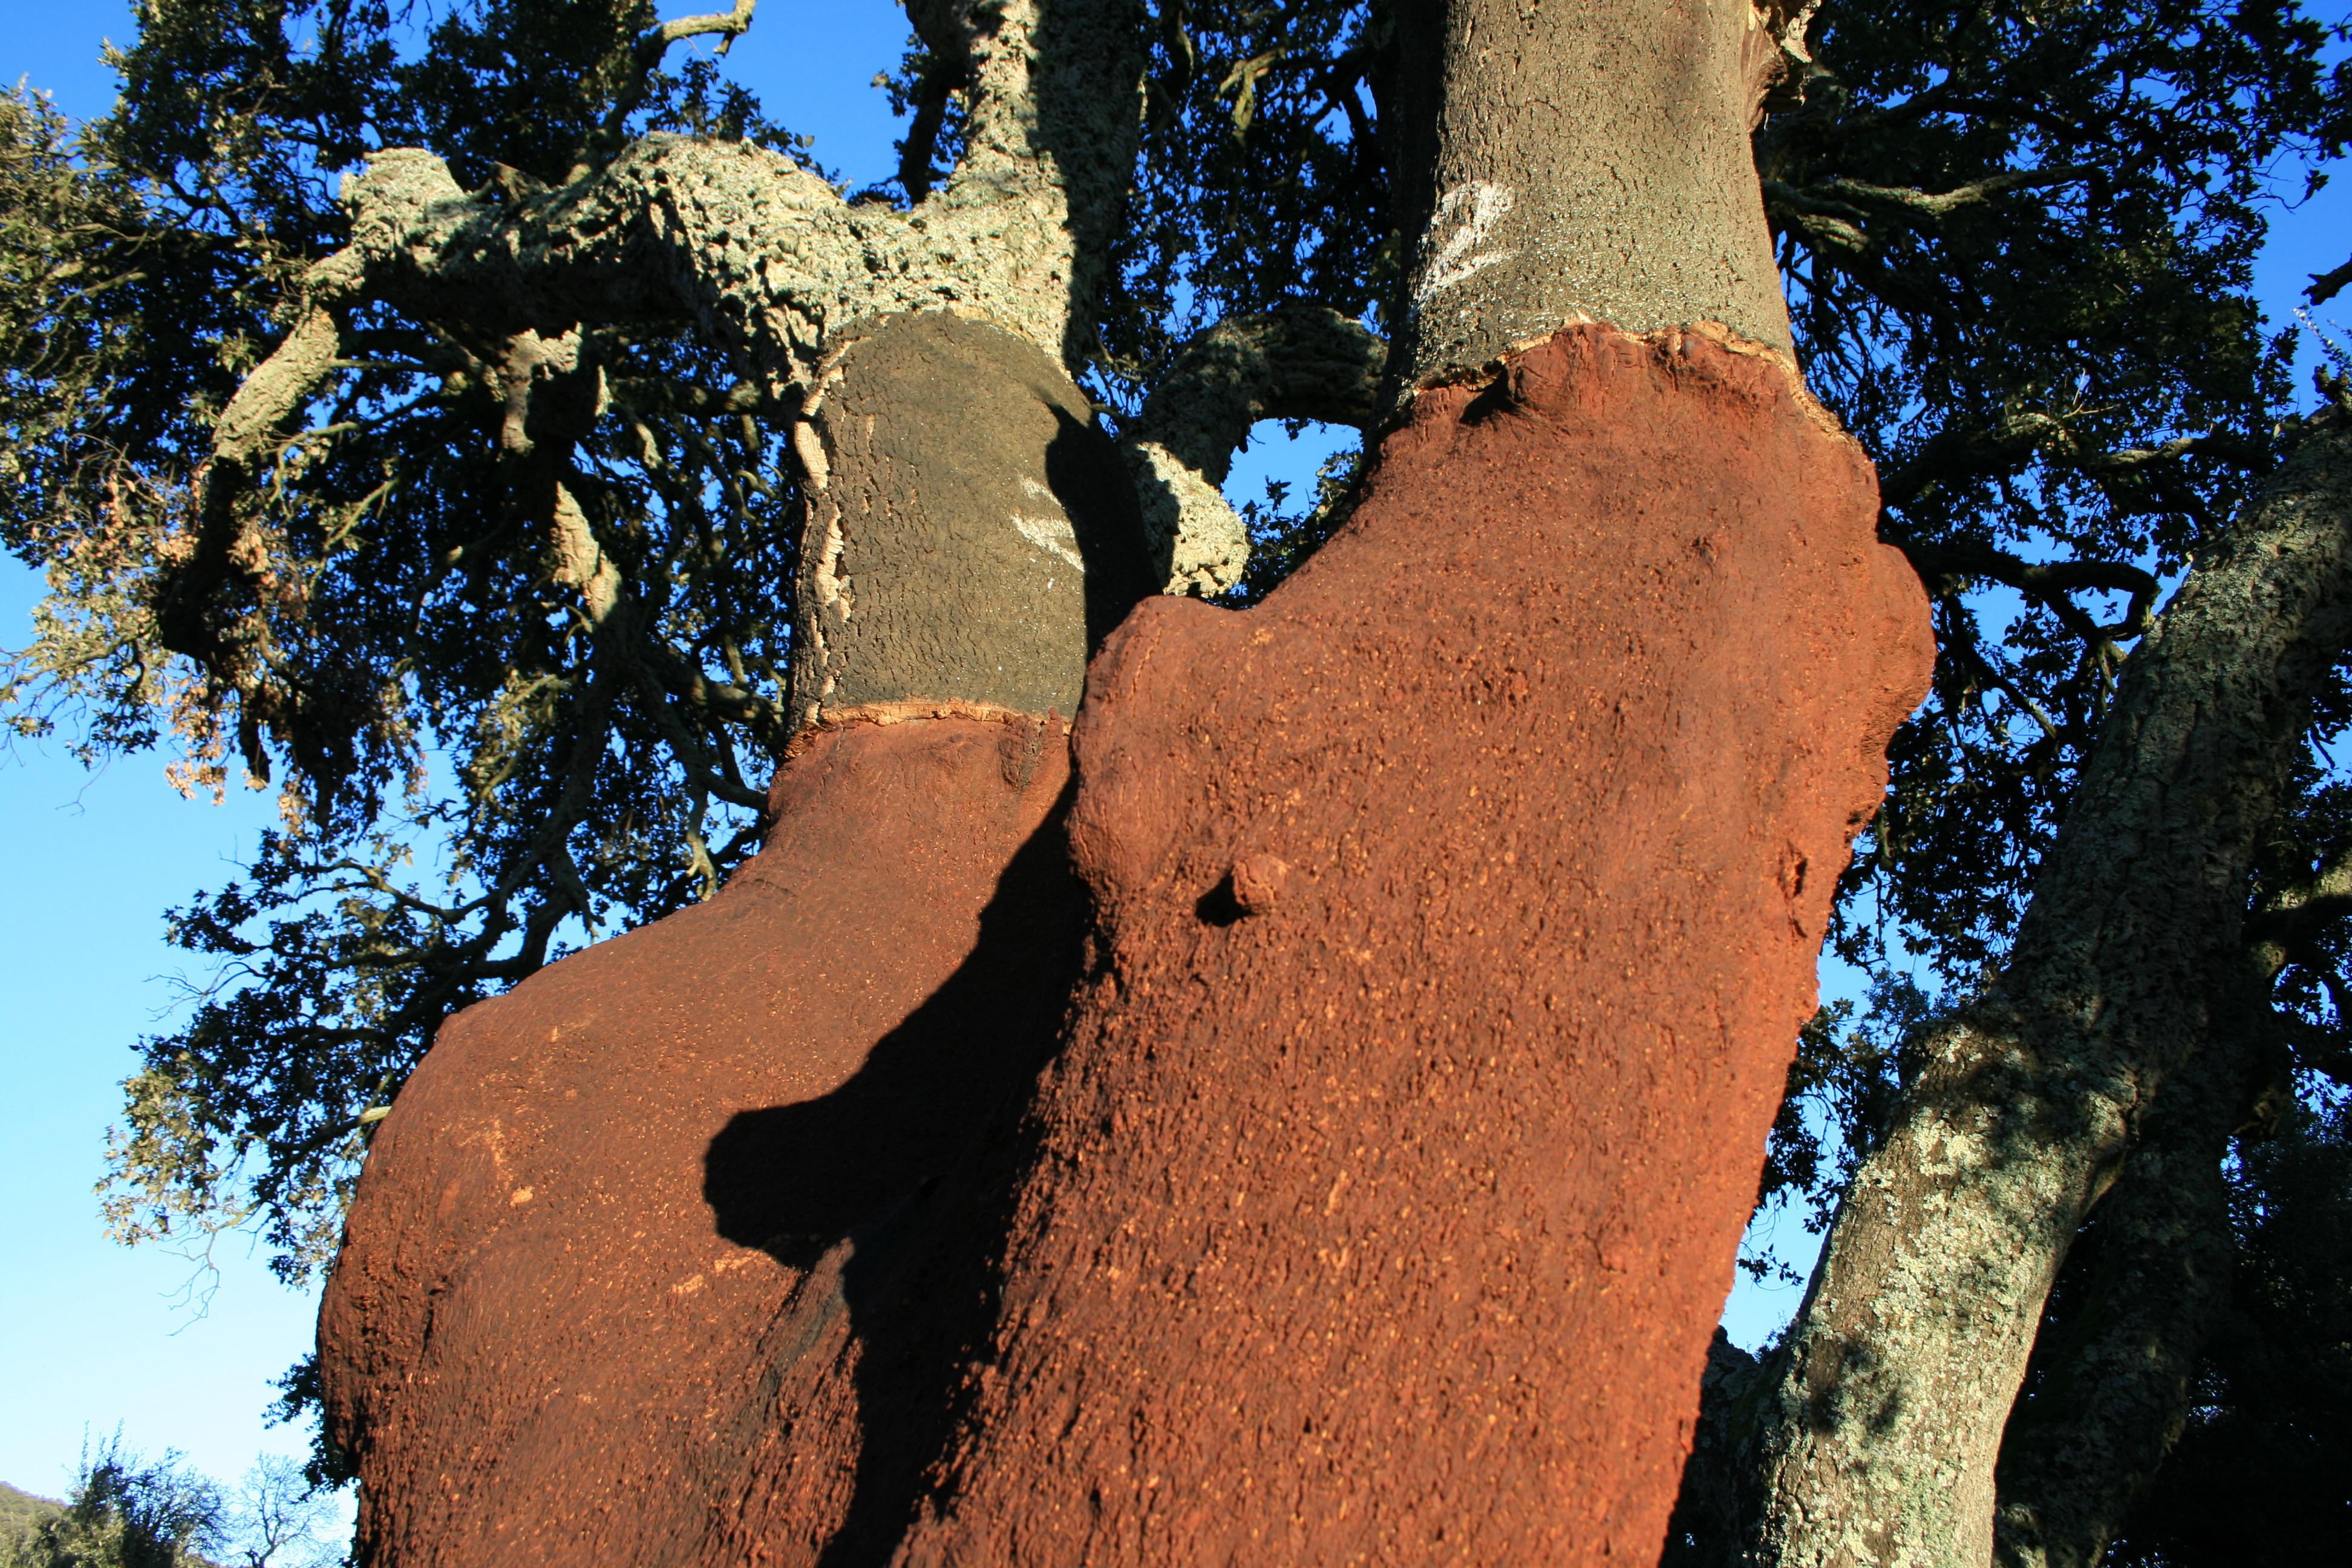 Korkeiche - quercia da sughero